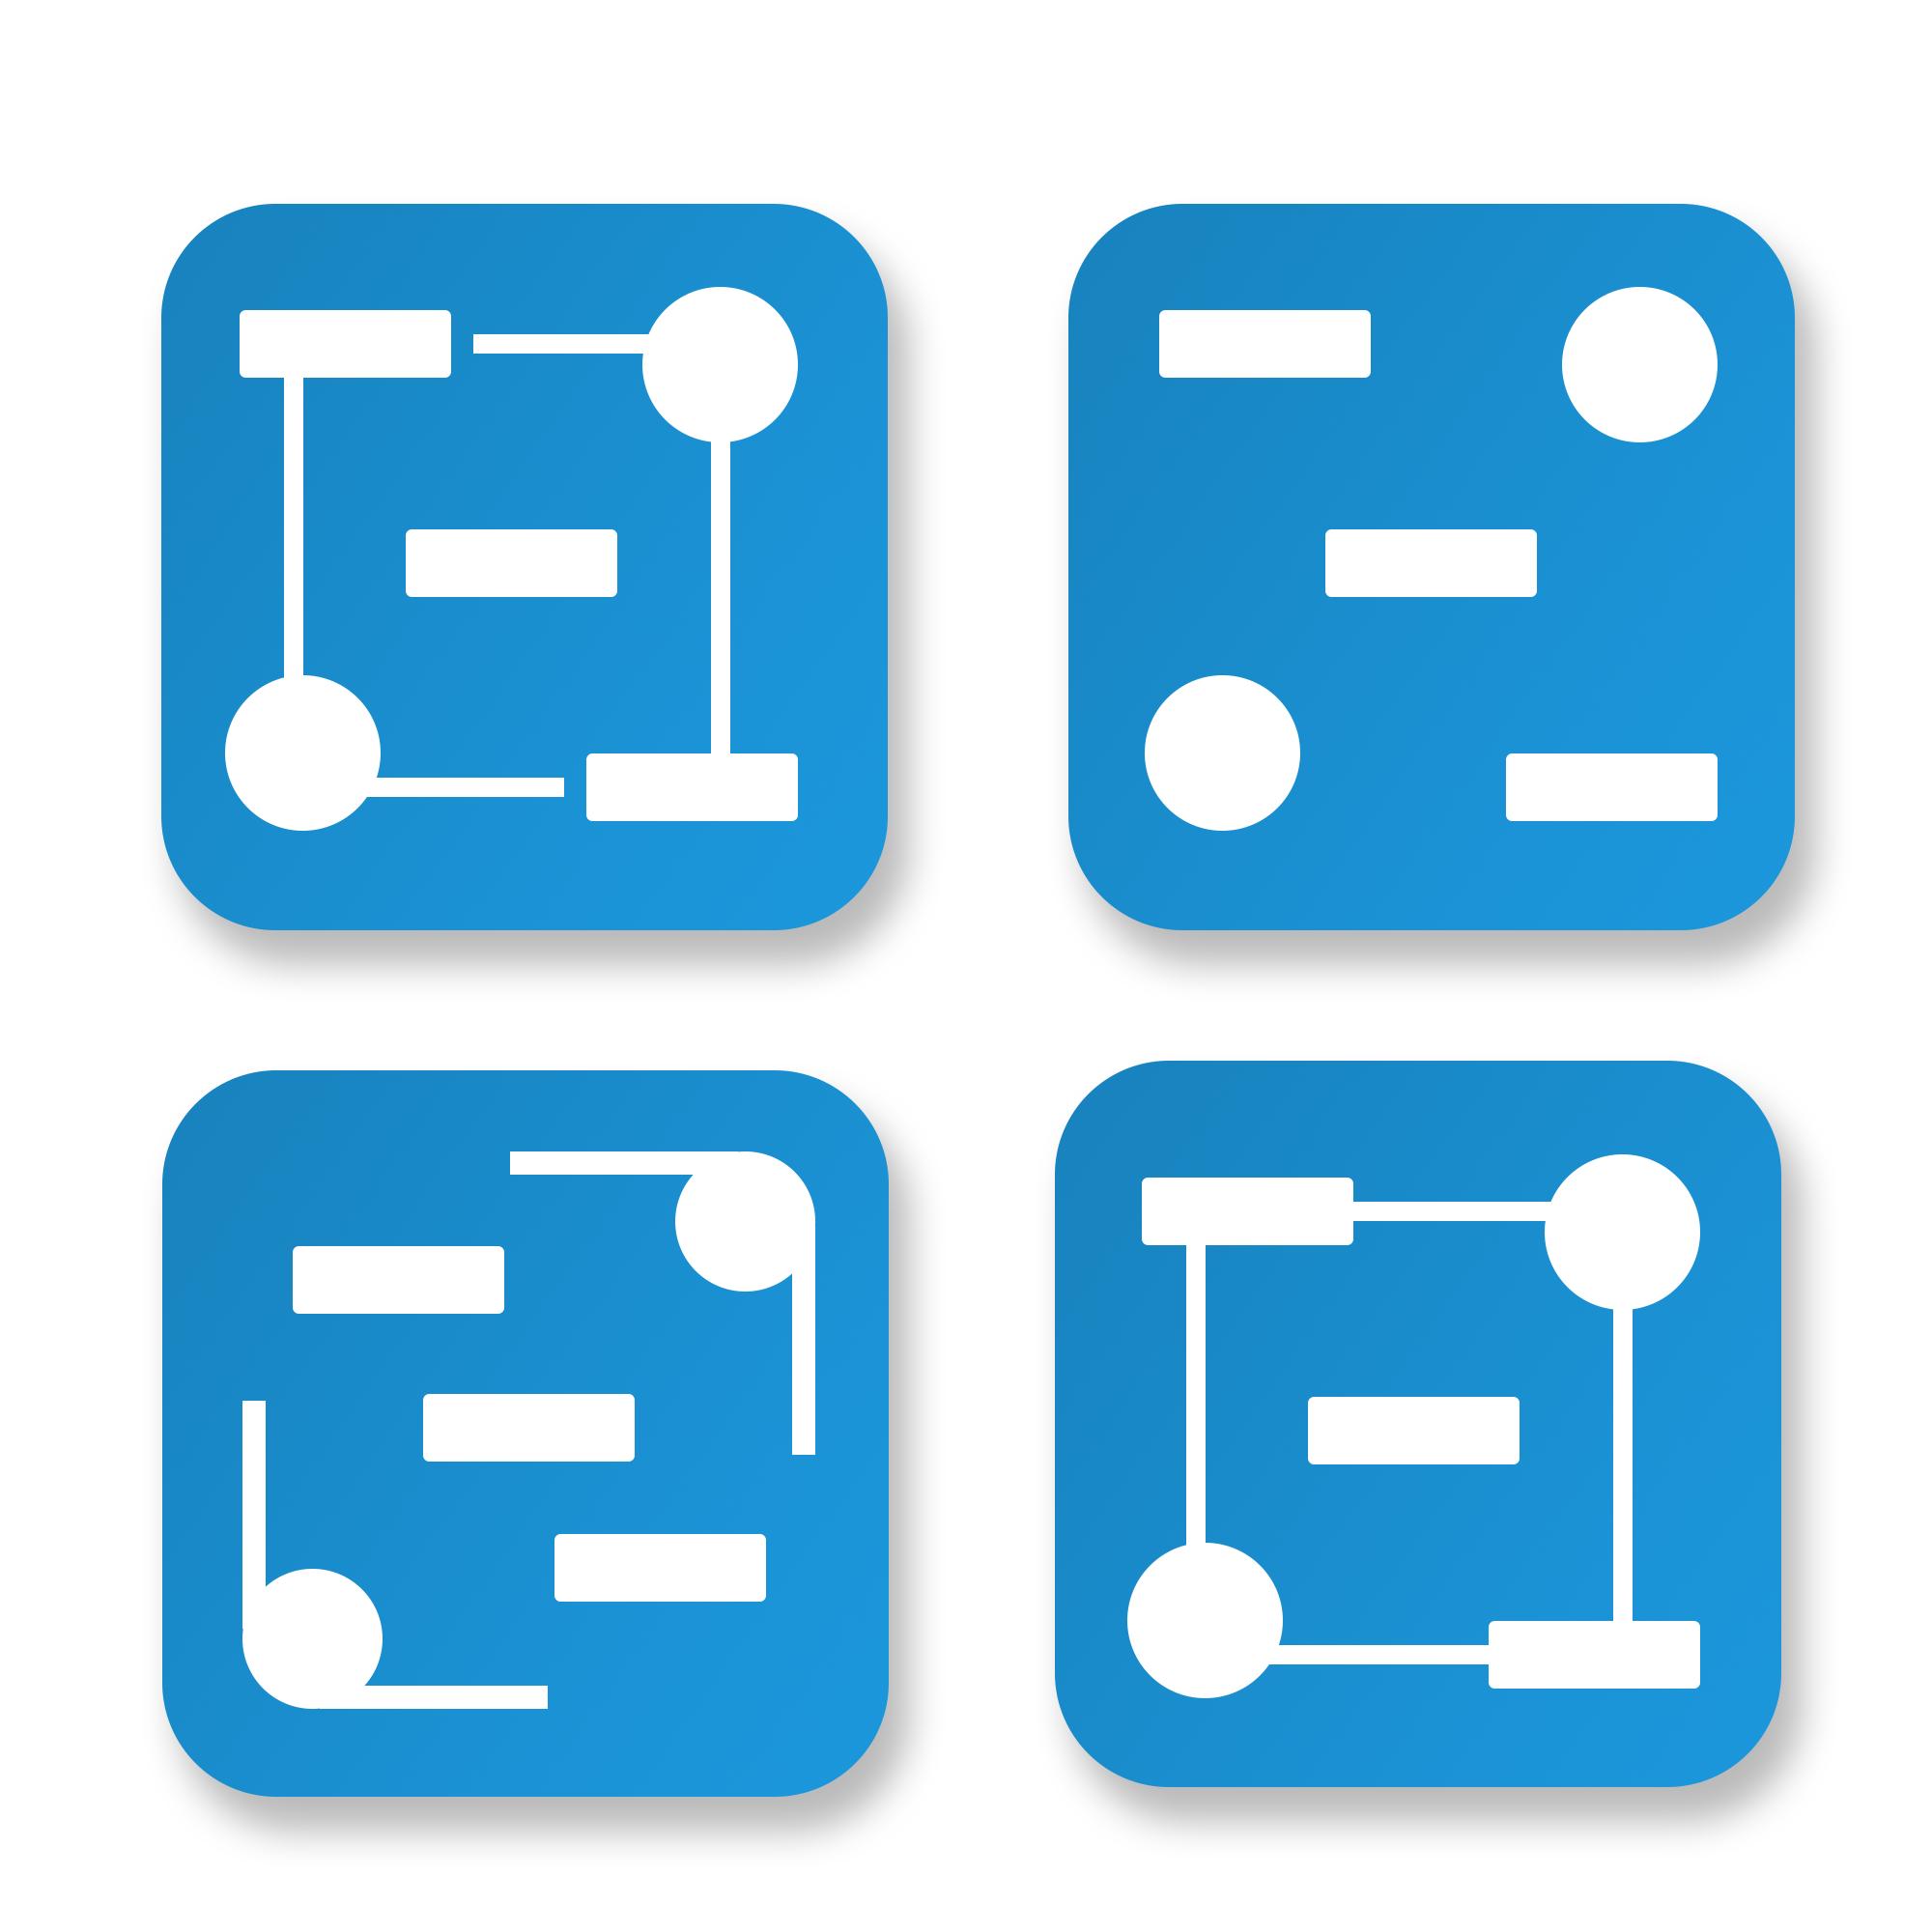 Логотип / иконка сервиса управления проектами / задачами фото f_5635975fa9dc7bfc.png